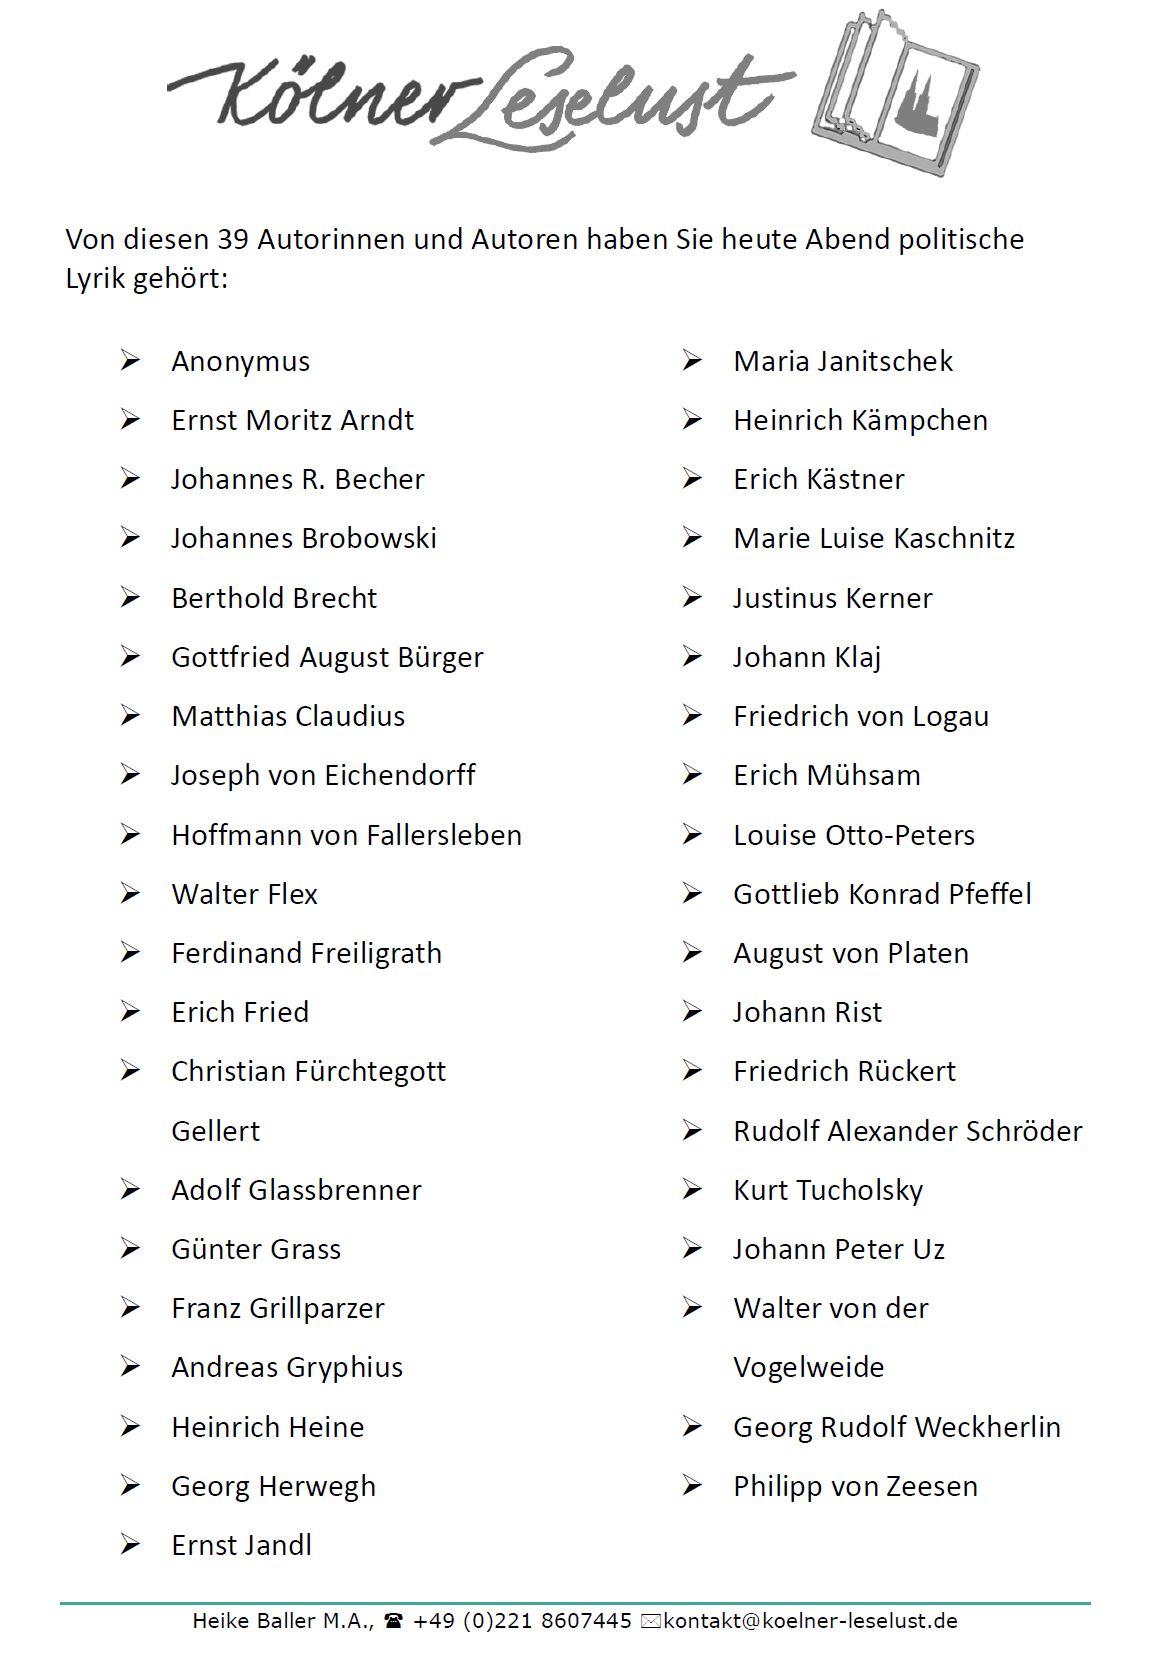 Autorinnen Und Autoren Für Heute Abend Politische Lyrik